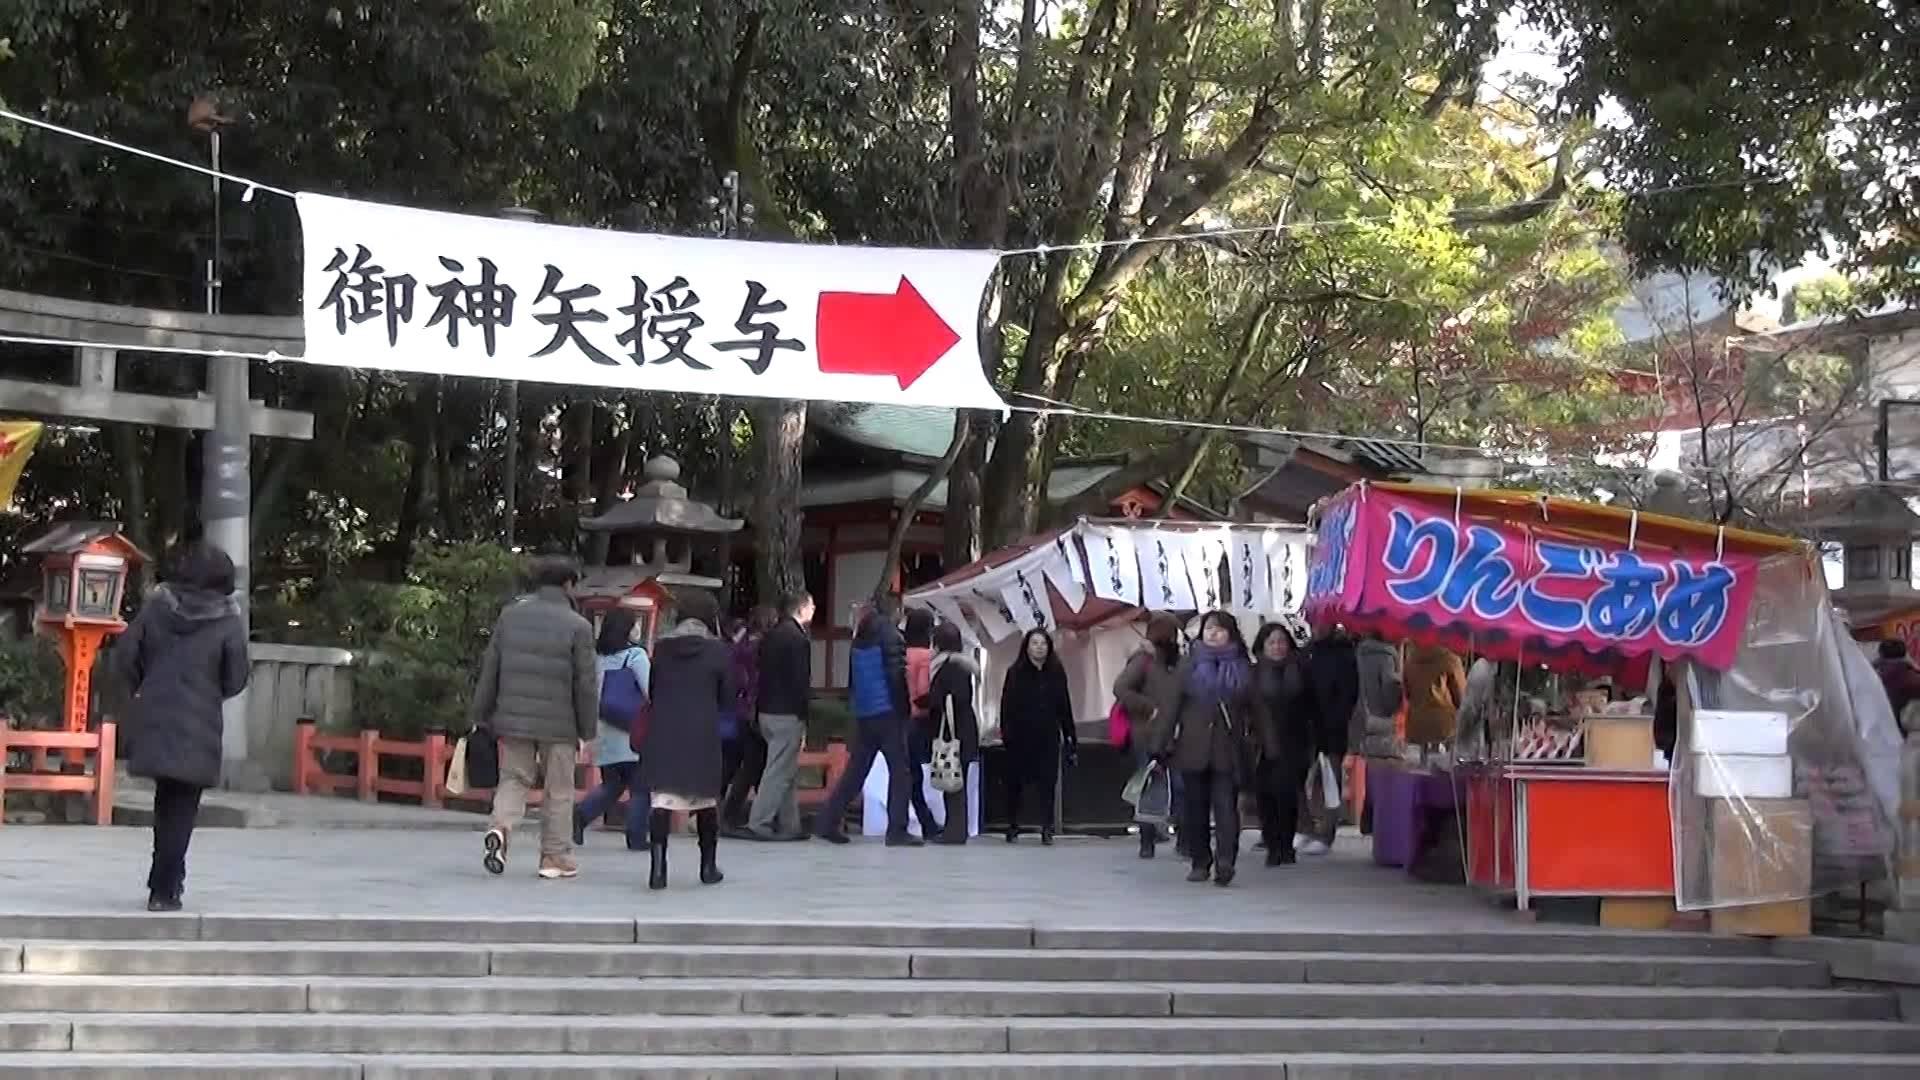 八坂神社「祇園のえべっさん」編2 三社詣でまとめて神頼み